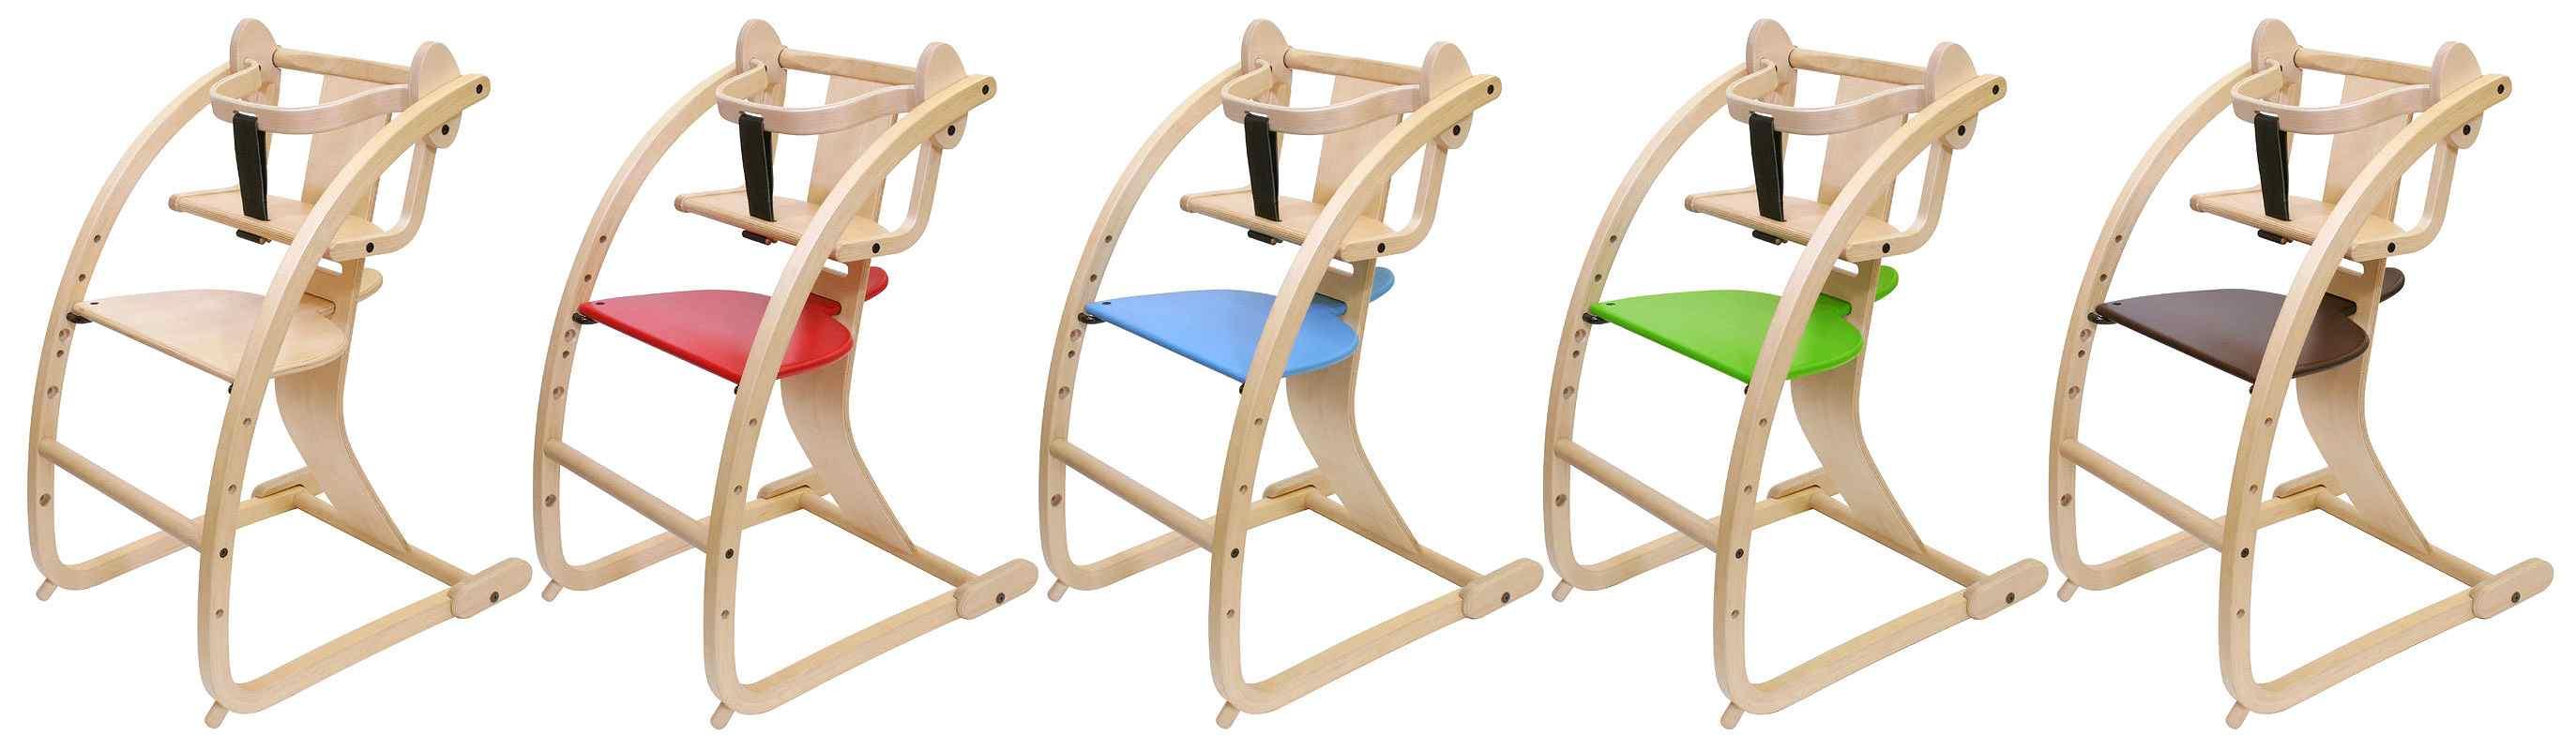 この商品に似ているアイテム画像(New BAMBINI + baby set|株式会社Sdi)